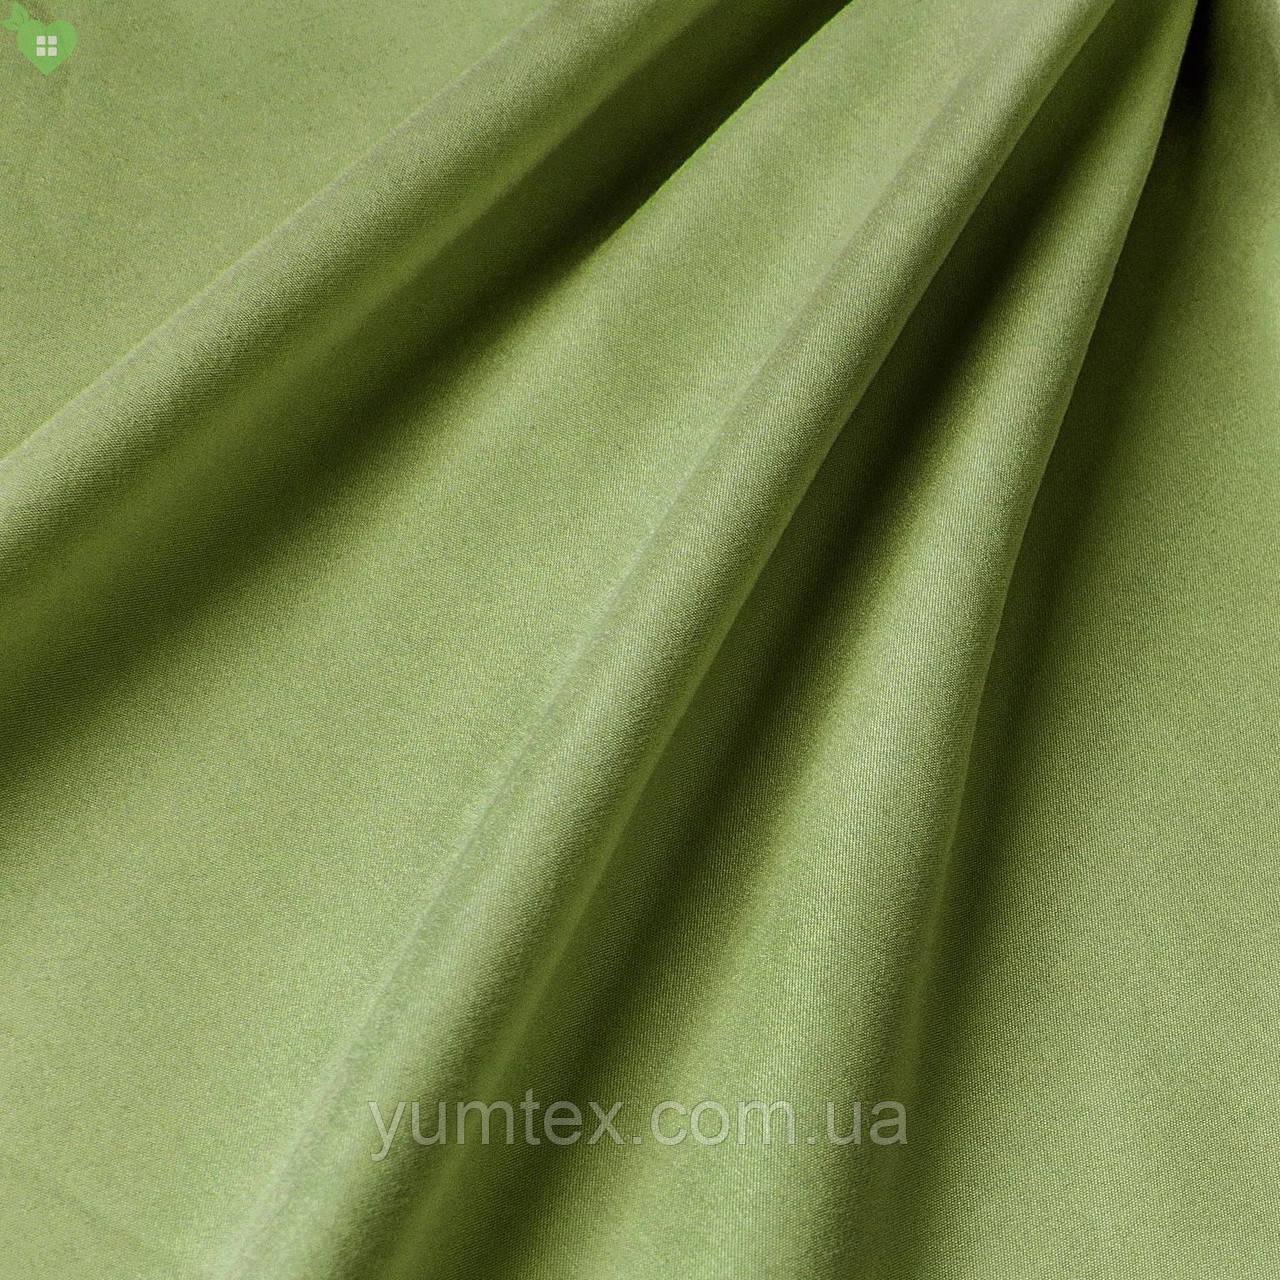 Подкладочная ткань персиковая фактура травяного цвета Испания